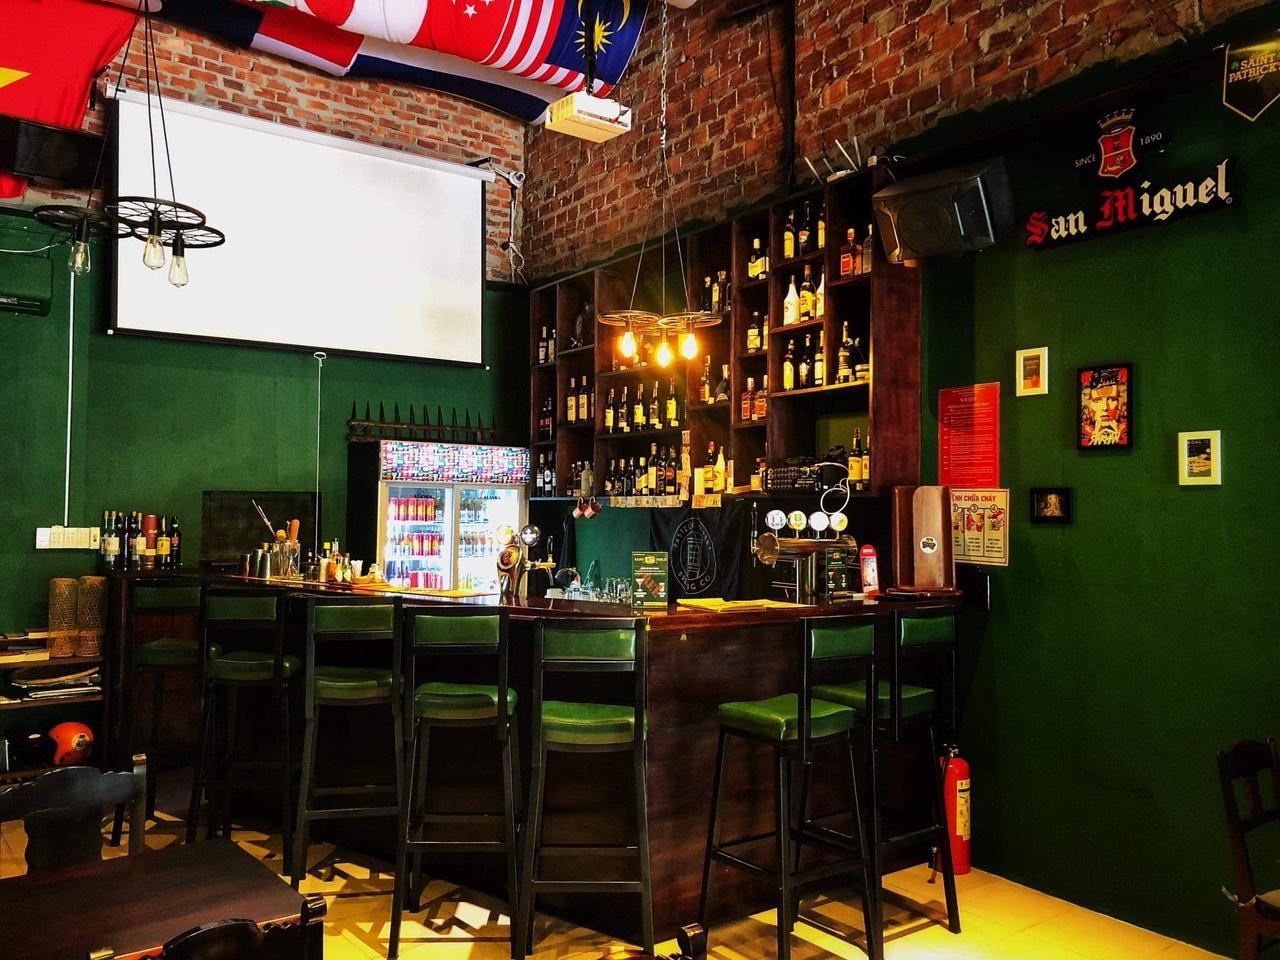 Bar for sale in Hoi An - Bizlen